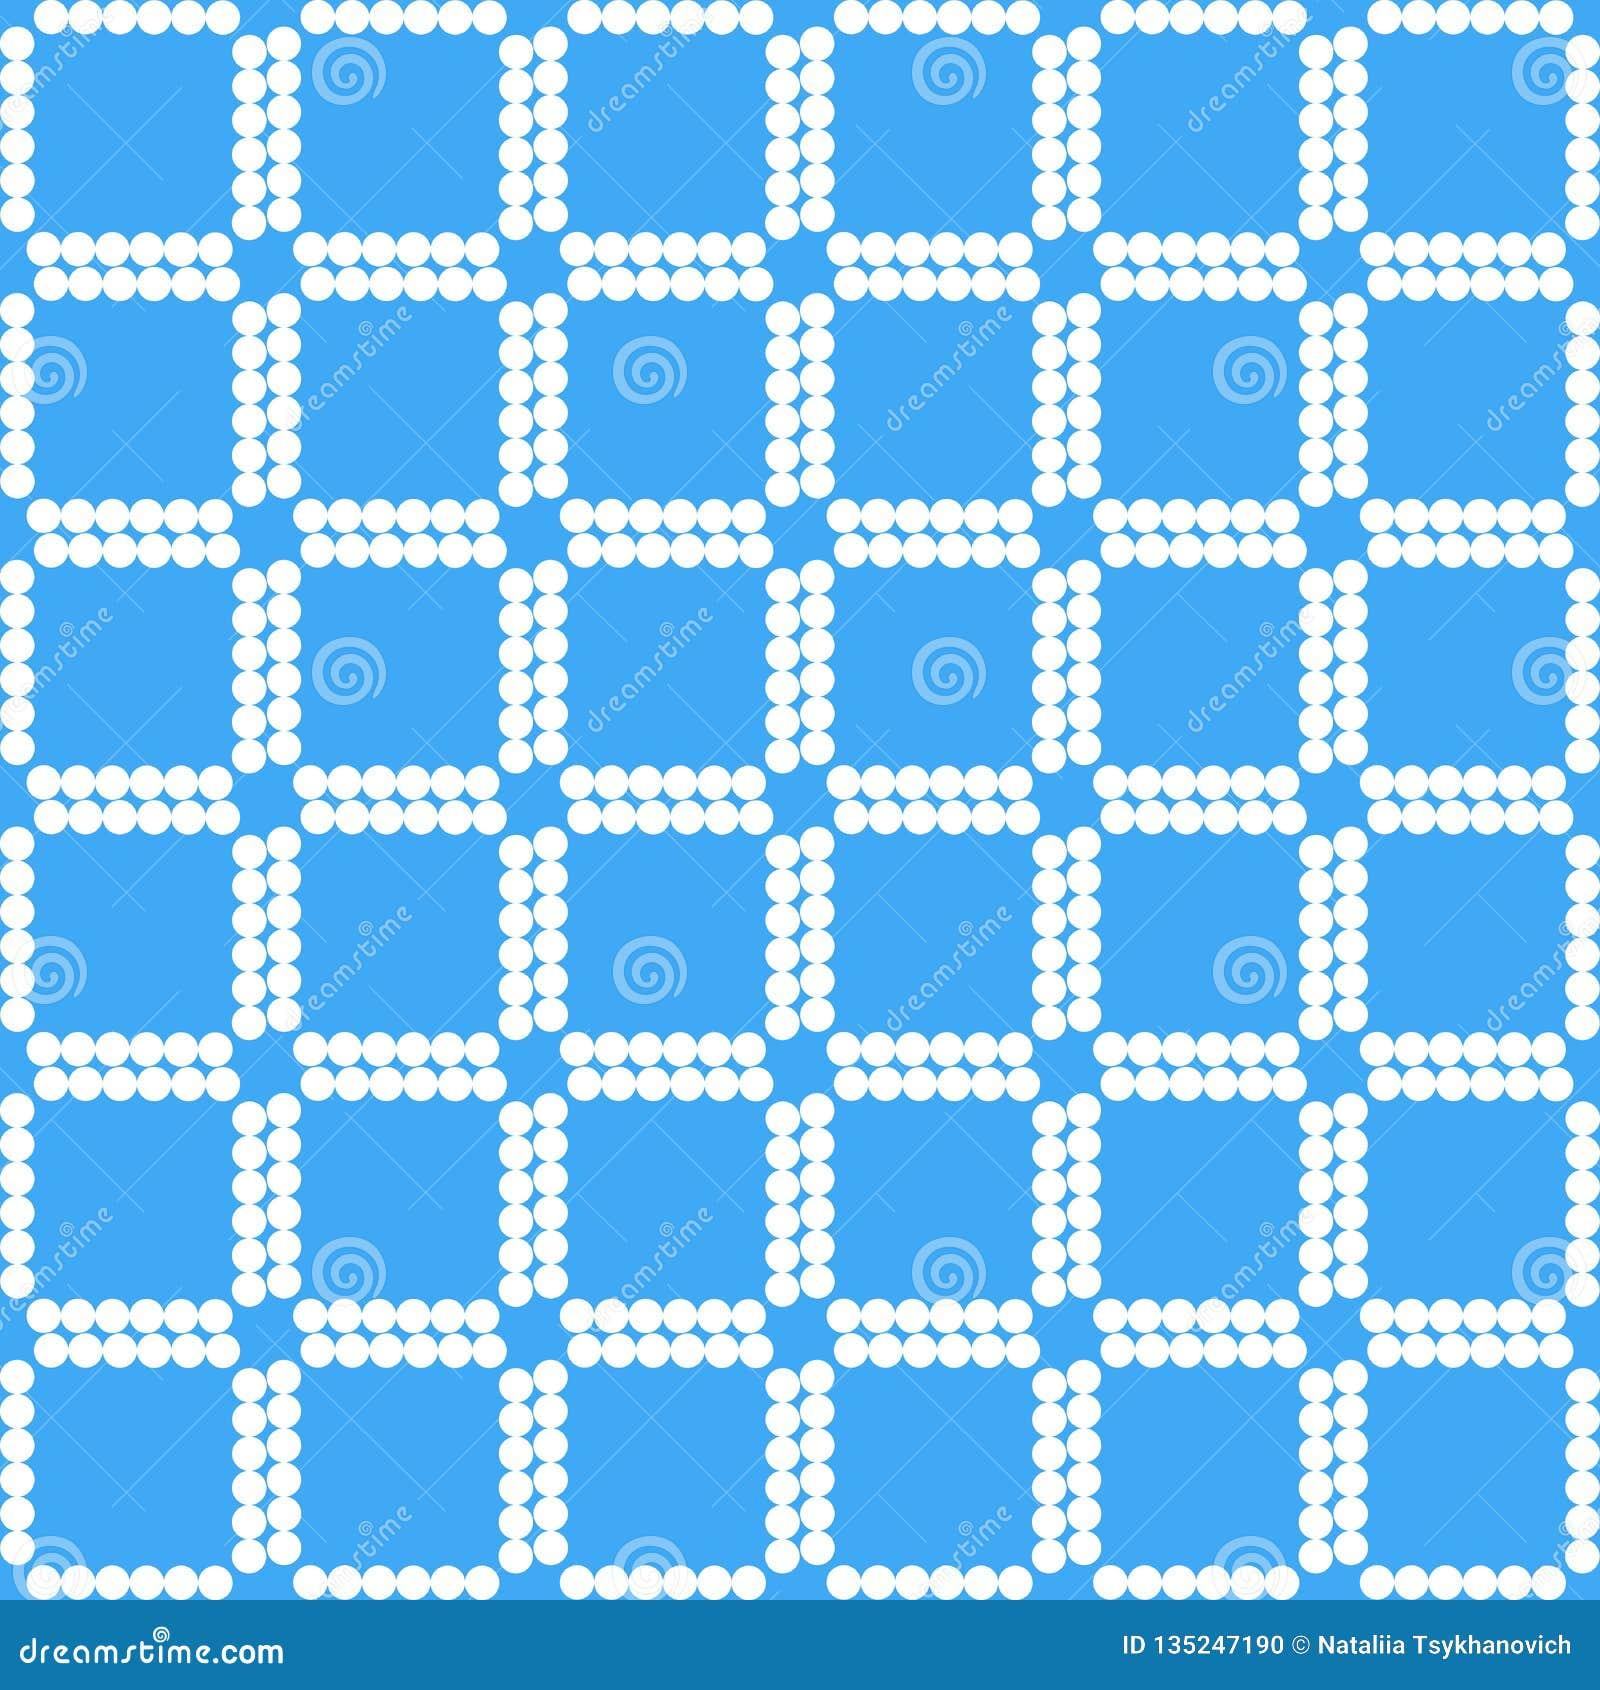 Weiße Quadrate auf geometrischem Muster des blauen Hintergrundes